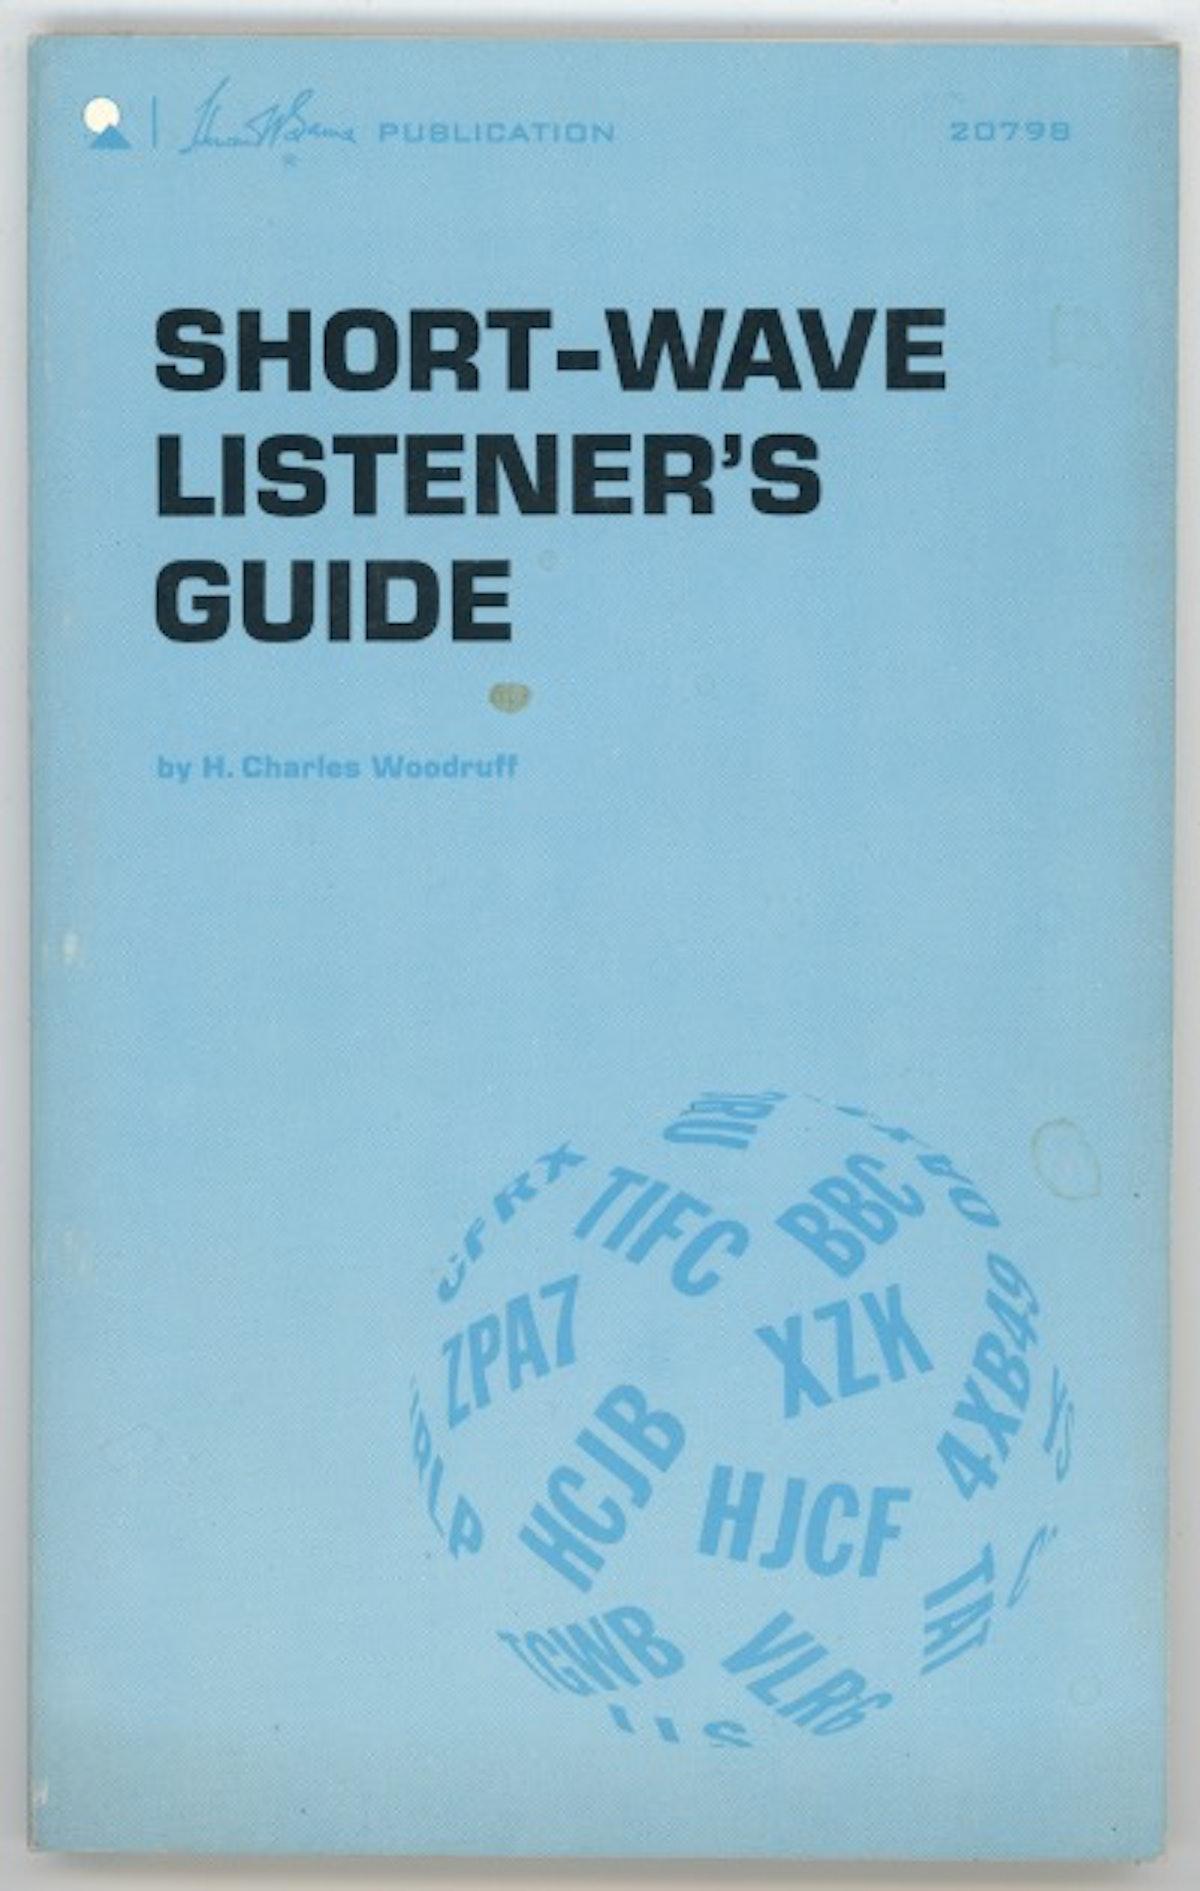 Short-Wave Listener's Guide